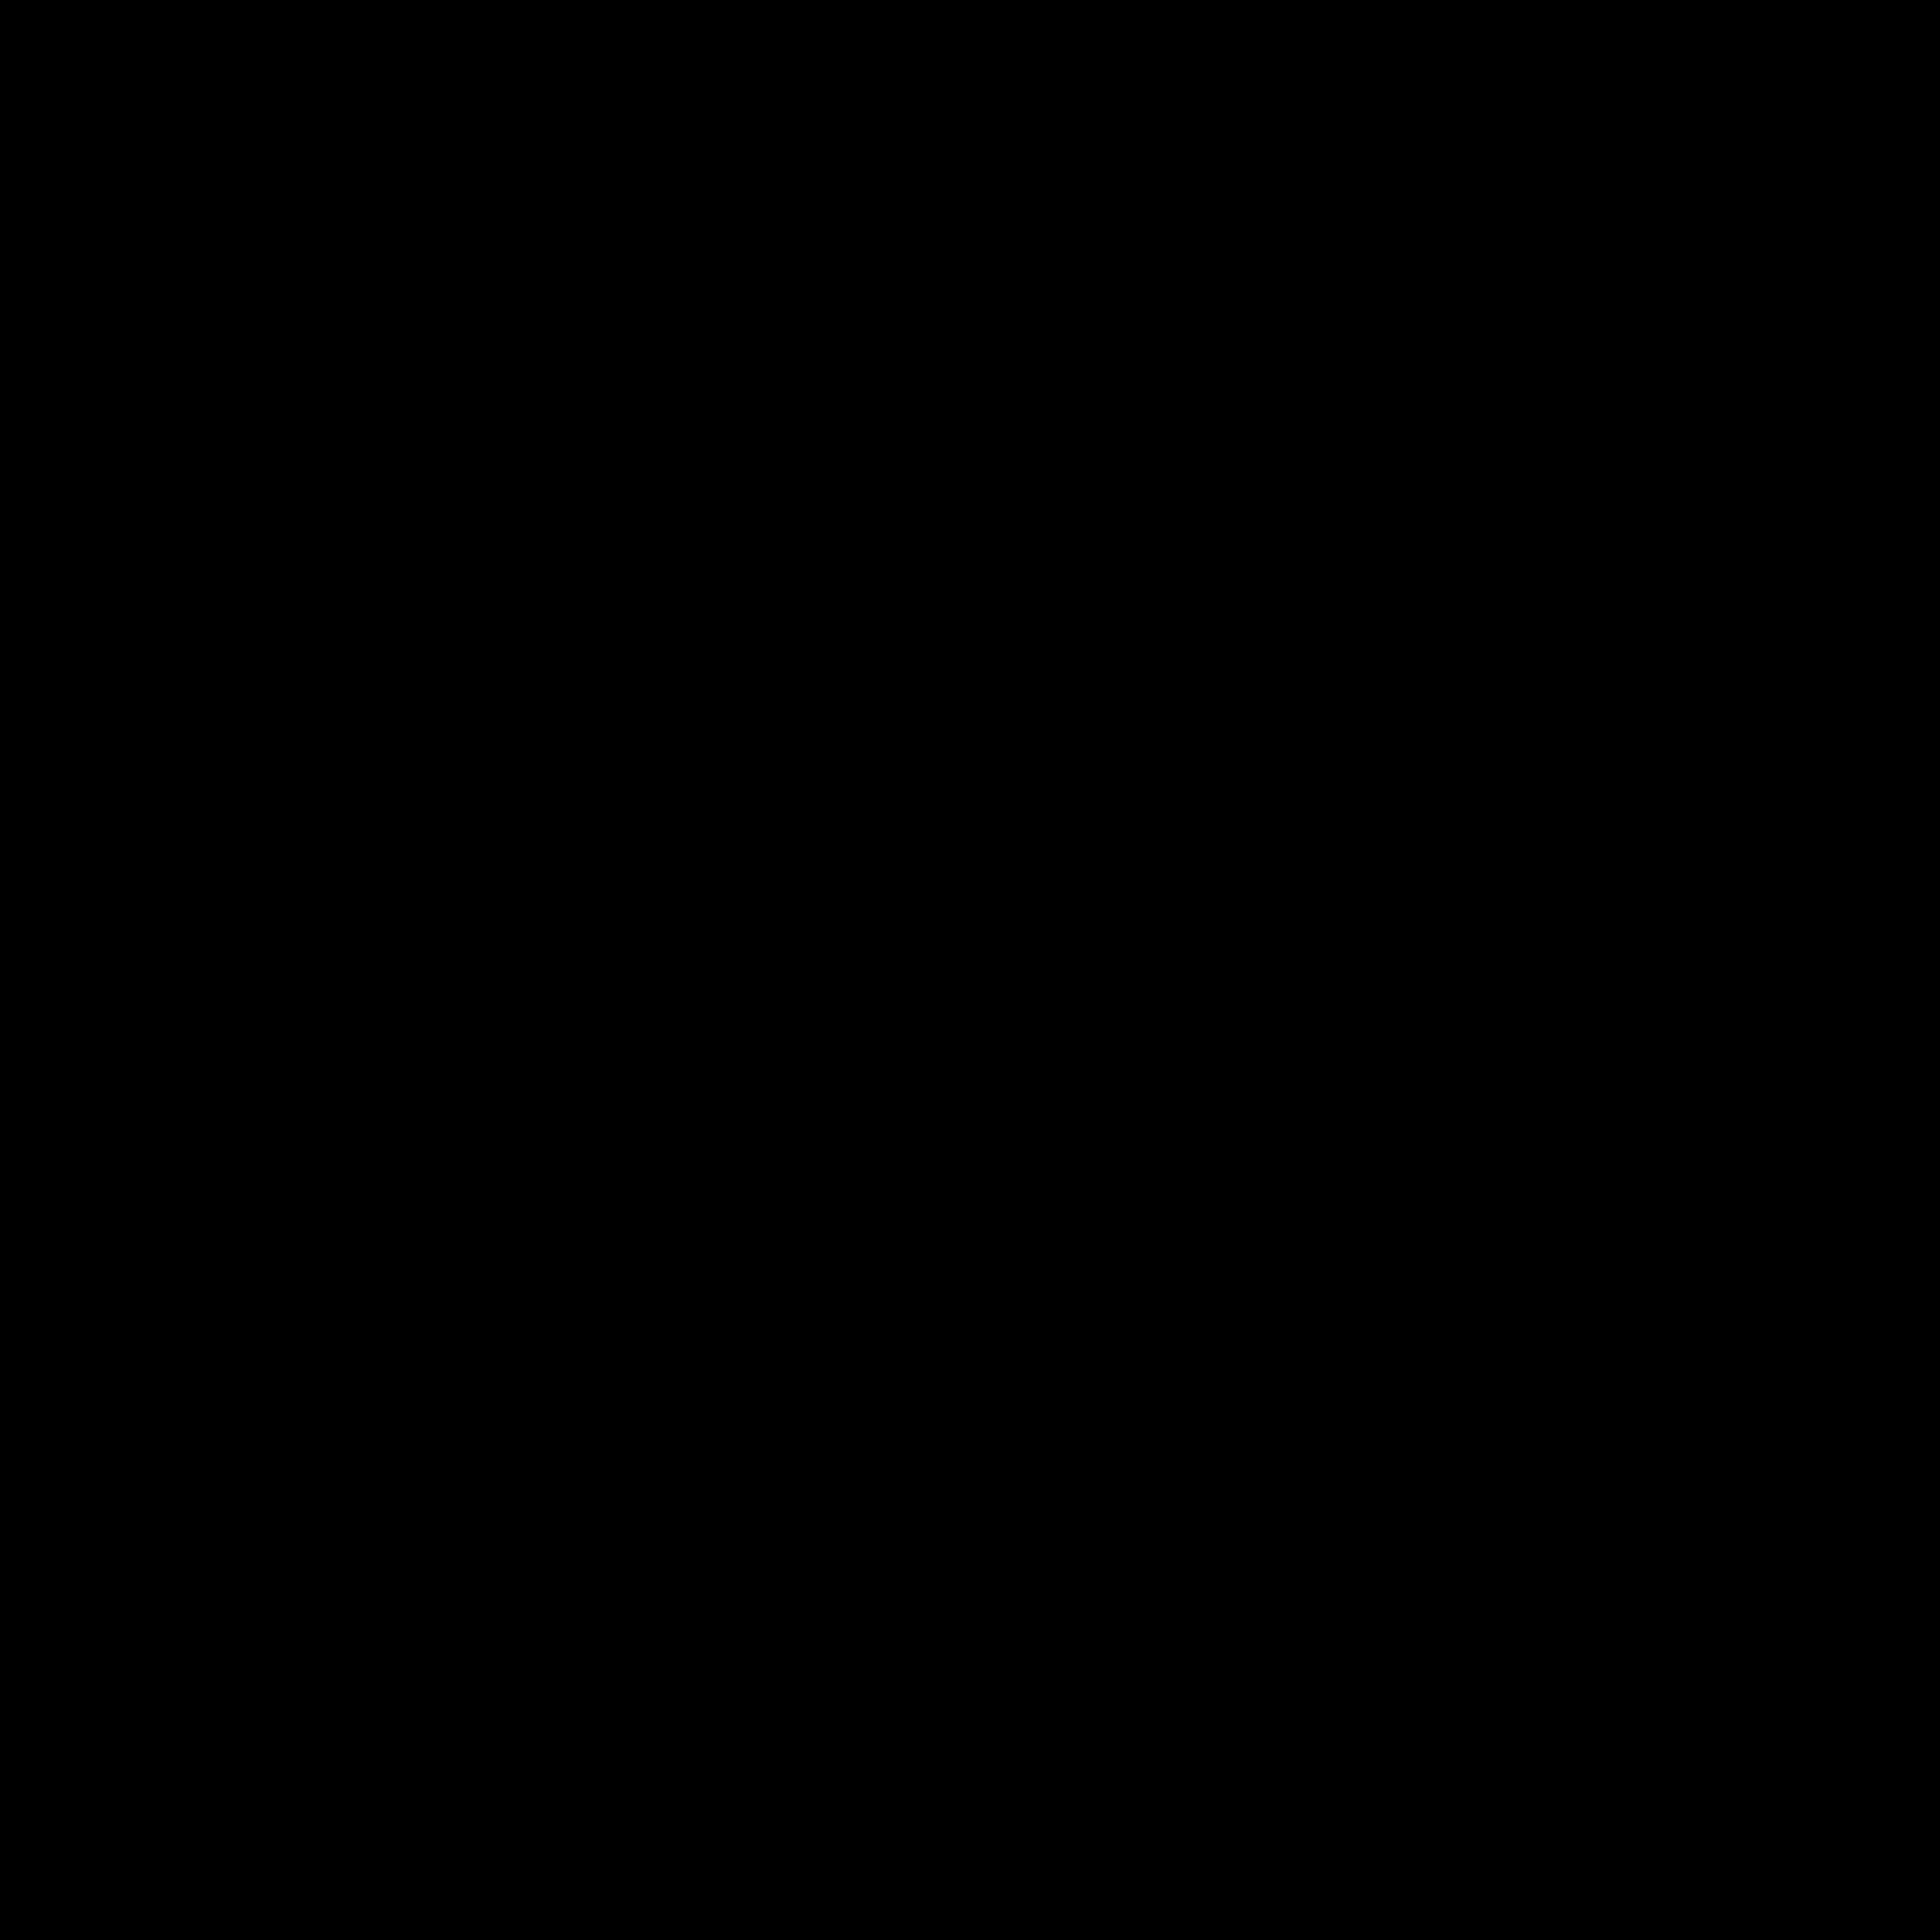 Arrivals pictogram. Clipart plane logo